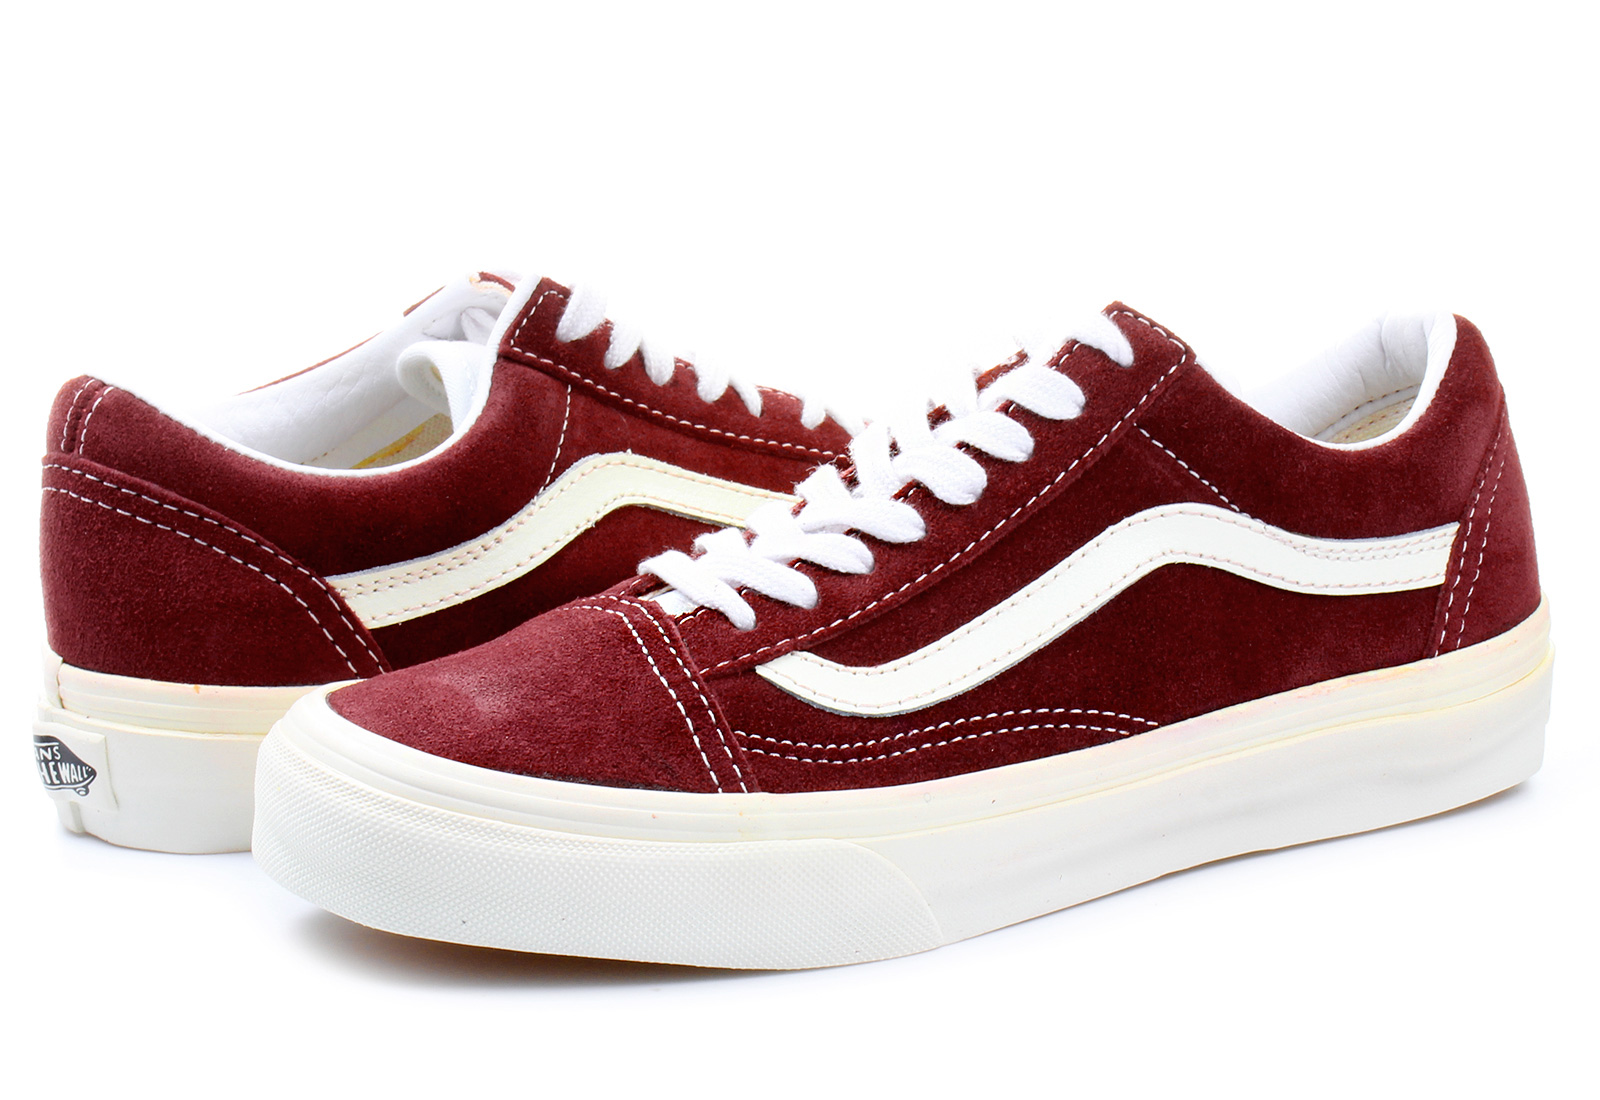 Vans Cipő - Old Skool - vsdi8w6 - Office Shoes Magyarország 854c2fc299